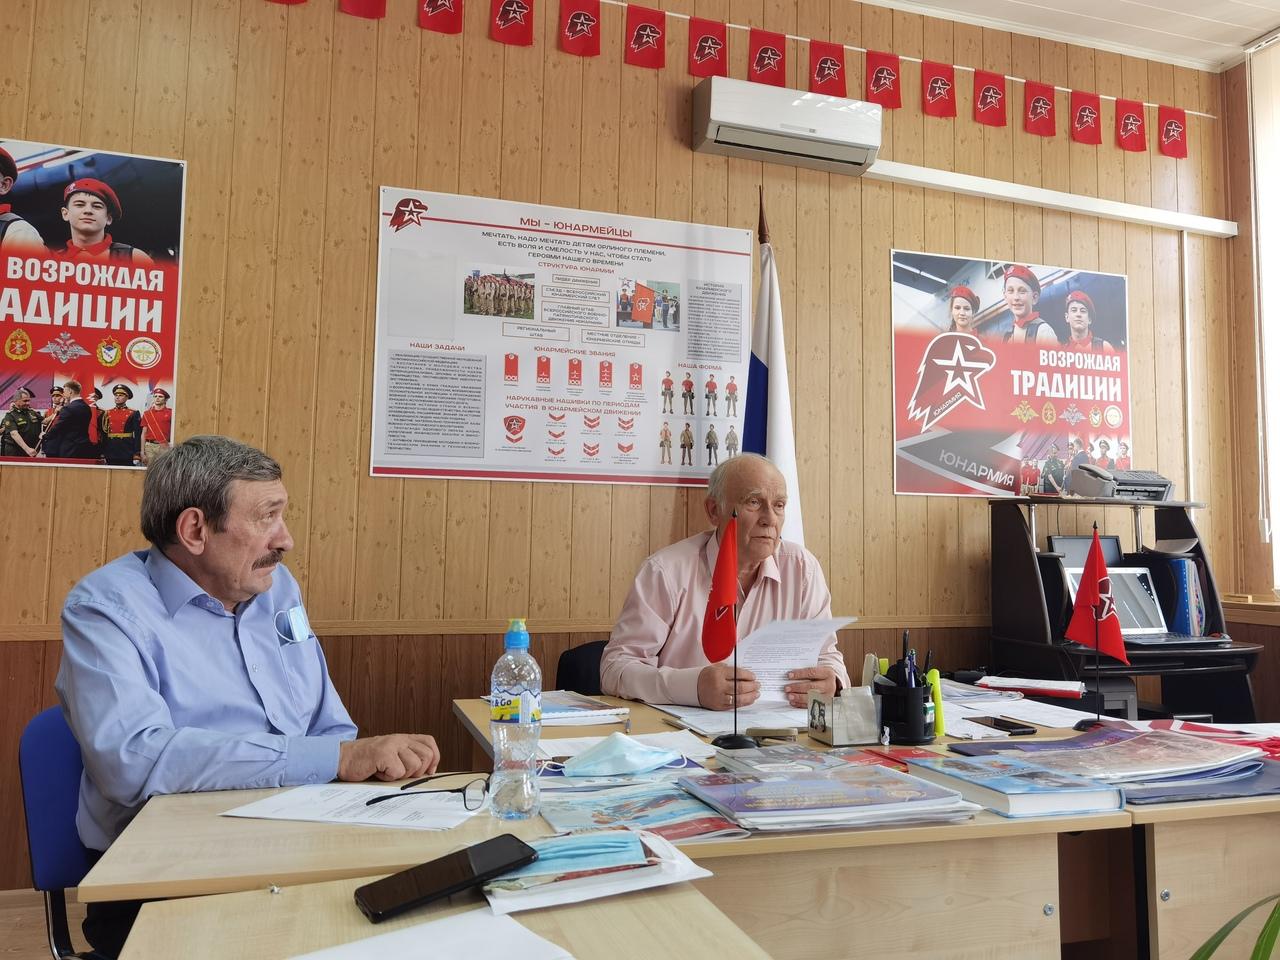 Заседание штаба движения «ЮНАРМИЯ» состоялось на юге Москвы